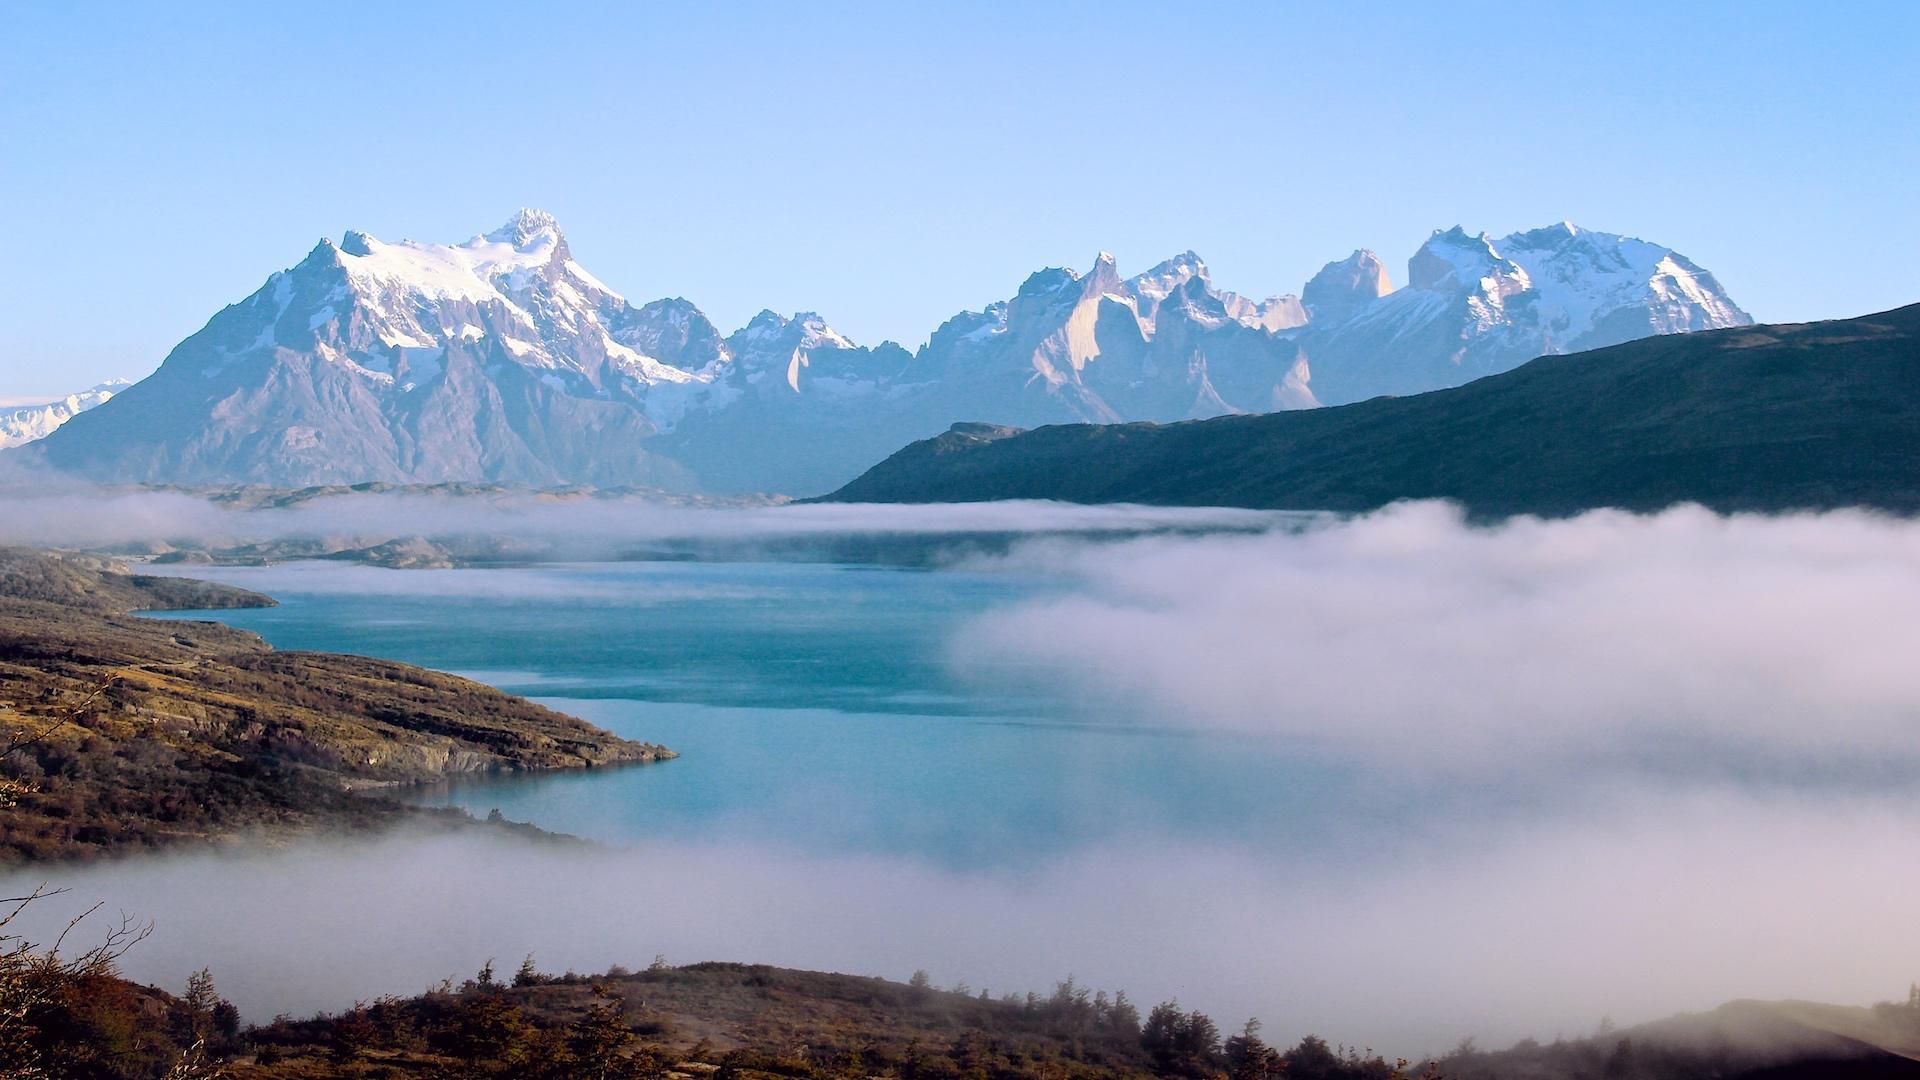 Concurso para ganar un viaje por Chile: Sueña Patagonia 2020